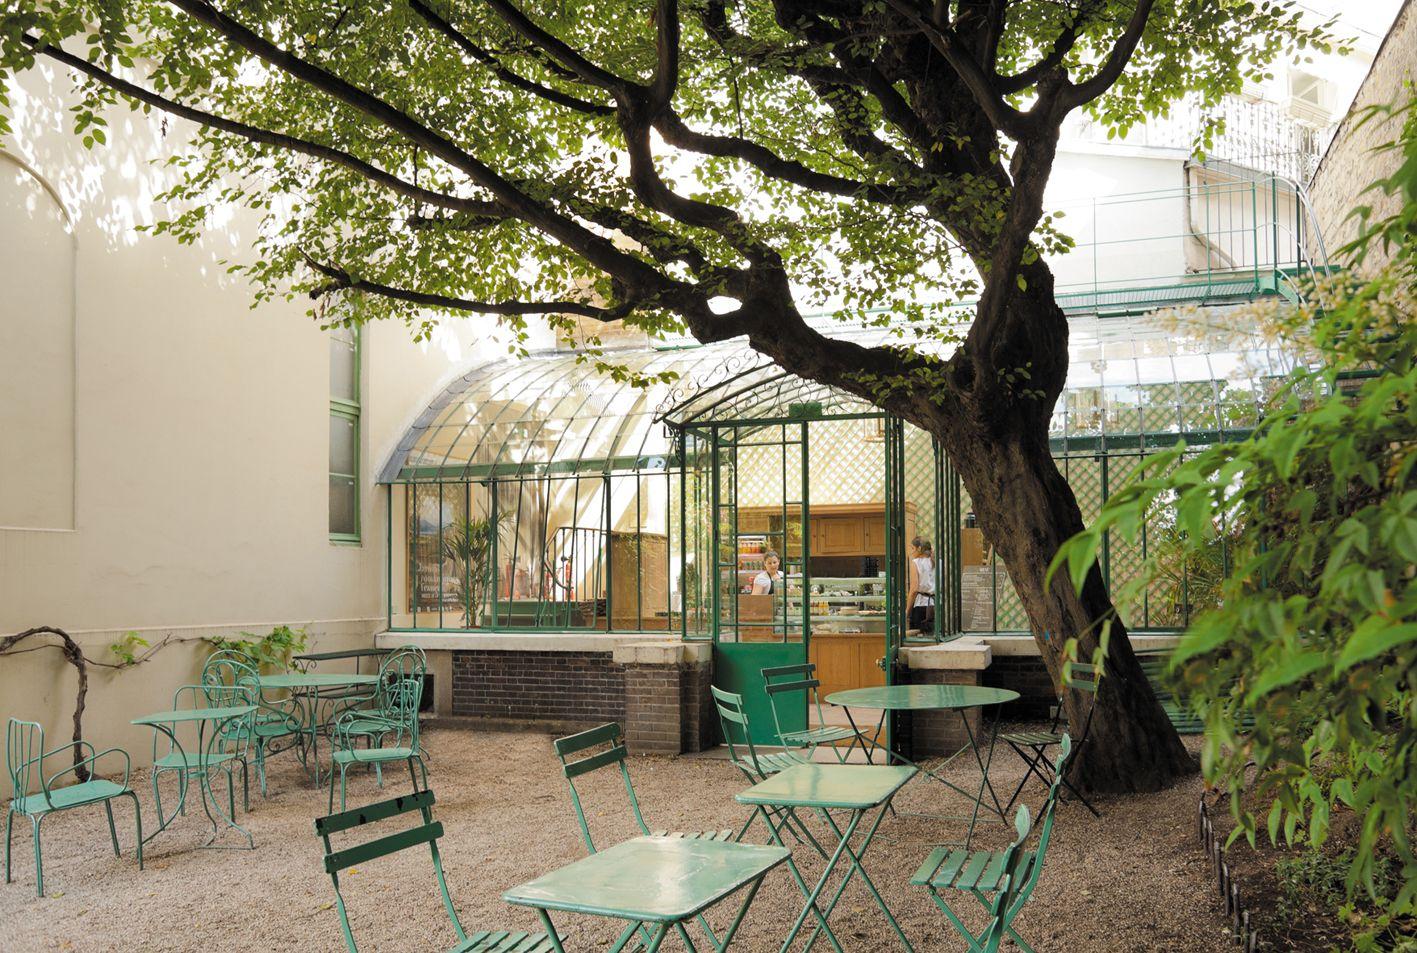 Jardin Secret Cannes Impressionnant Photos Salon De Thé Du Musée De La Vie Romantique Un Thé Dans Le Jardin